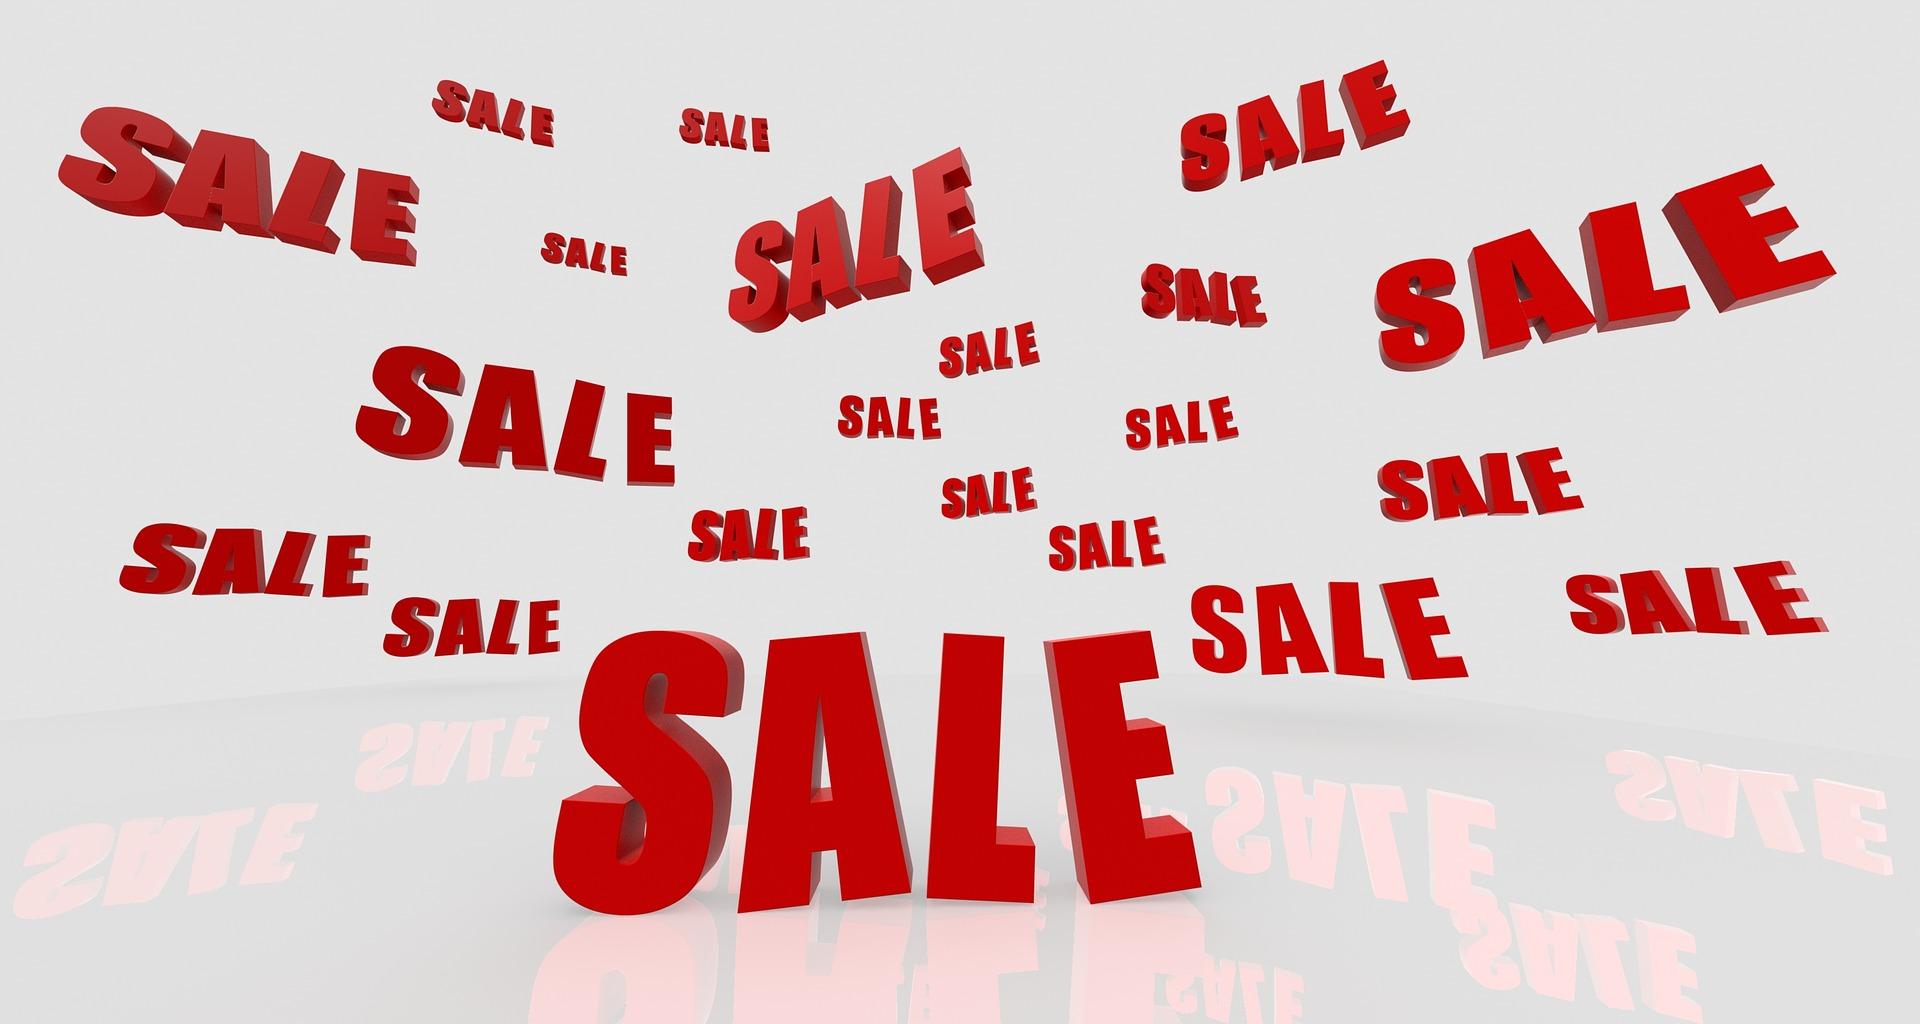 oferte promotii cupoane termen scurt de valabilitate